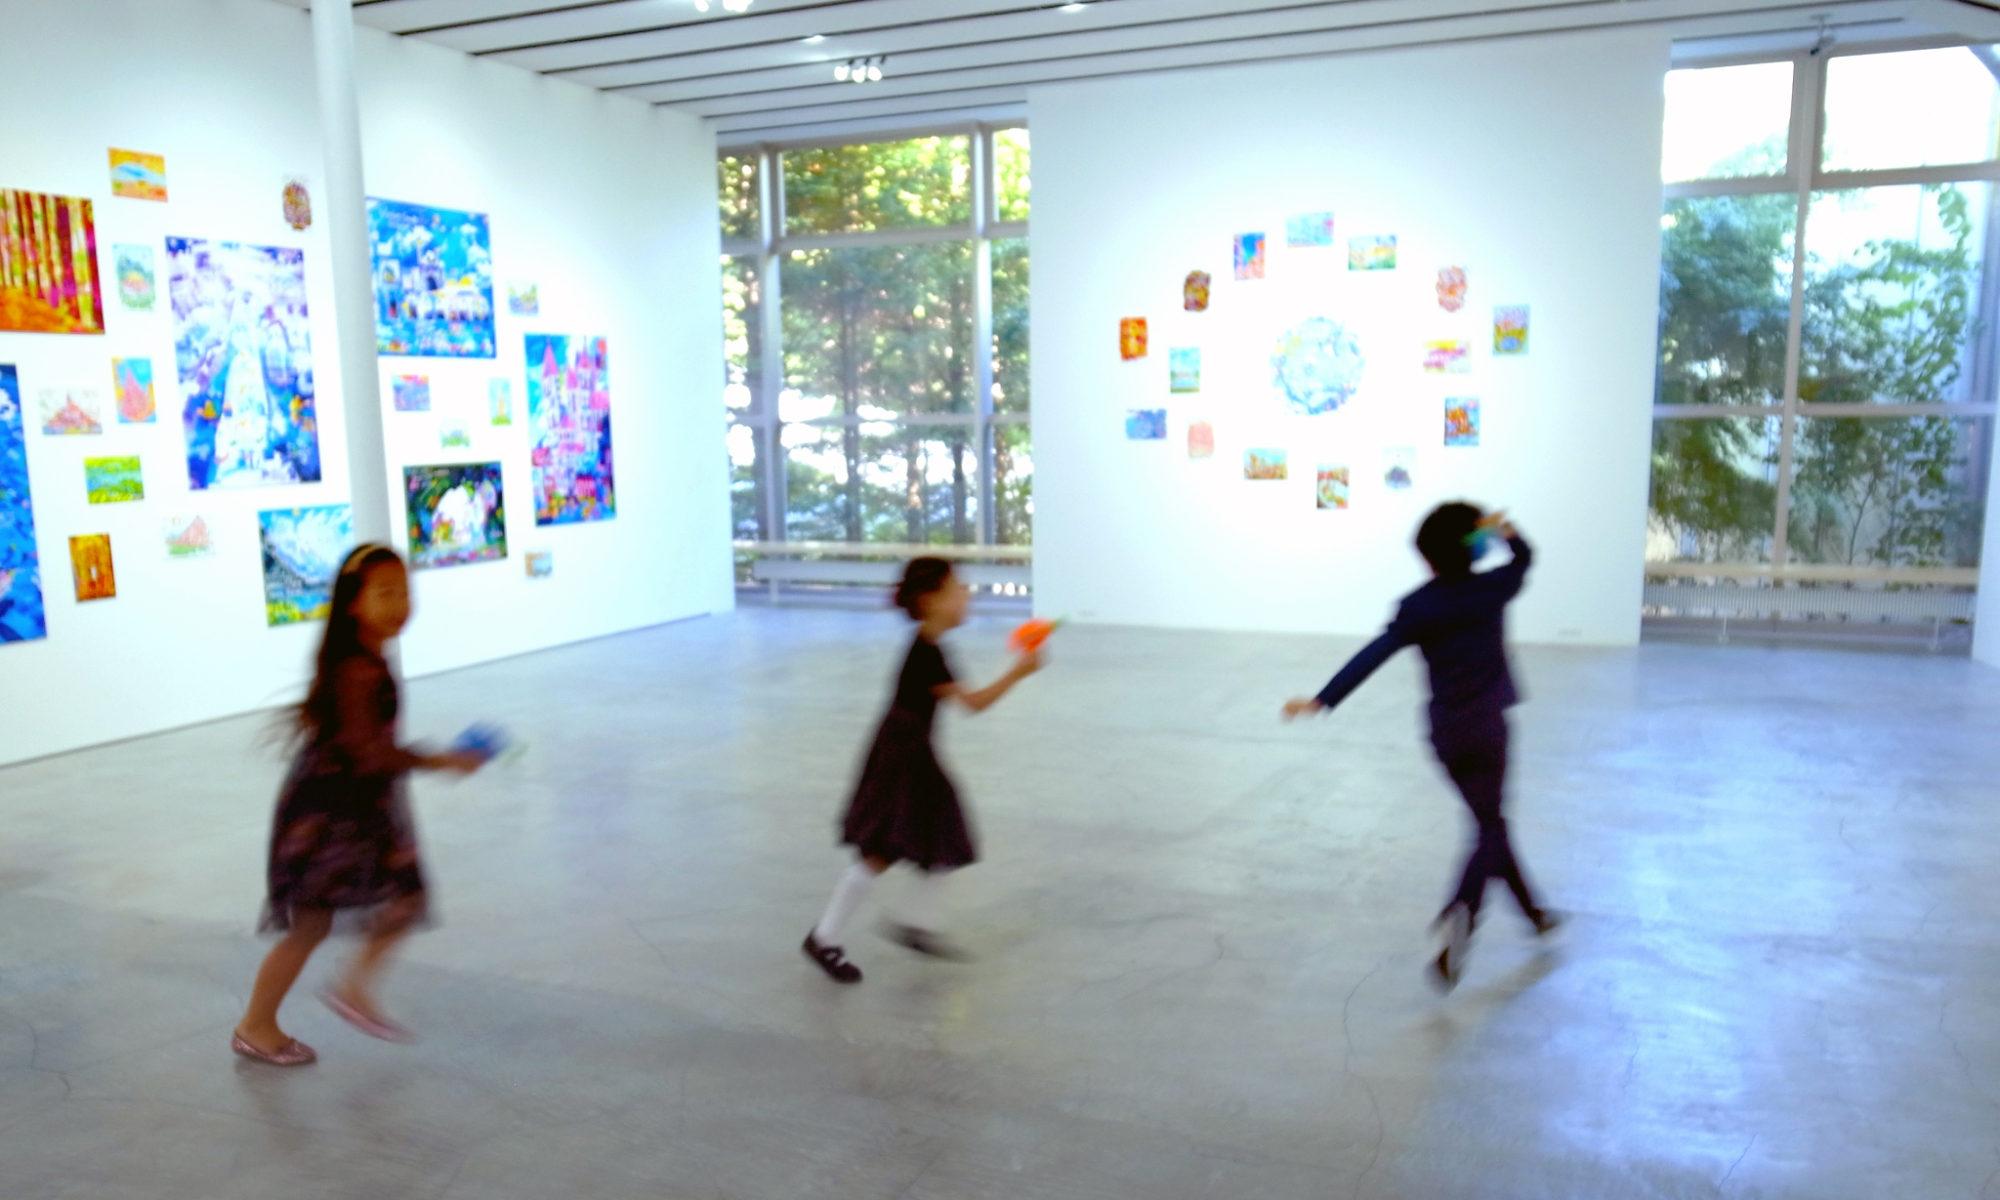 松田光一 | 世界遺産アート | KOICHI MATSUDA | WORLD HERITAGE ART